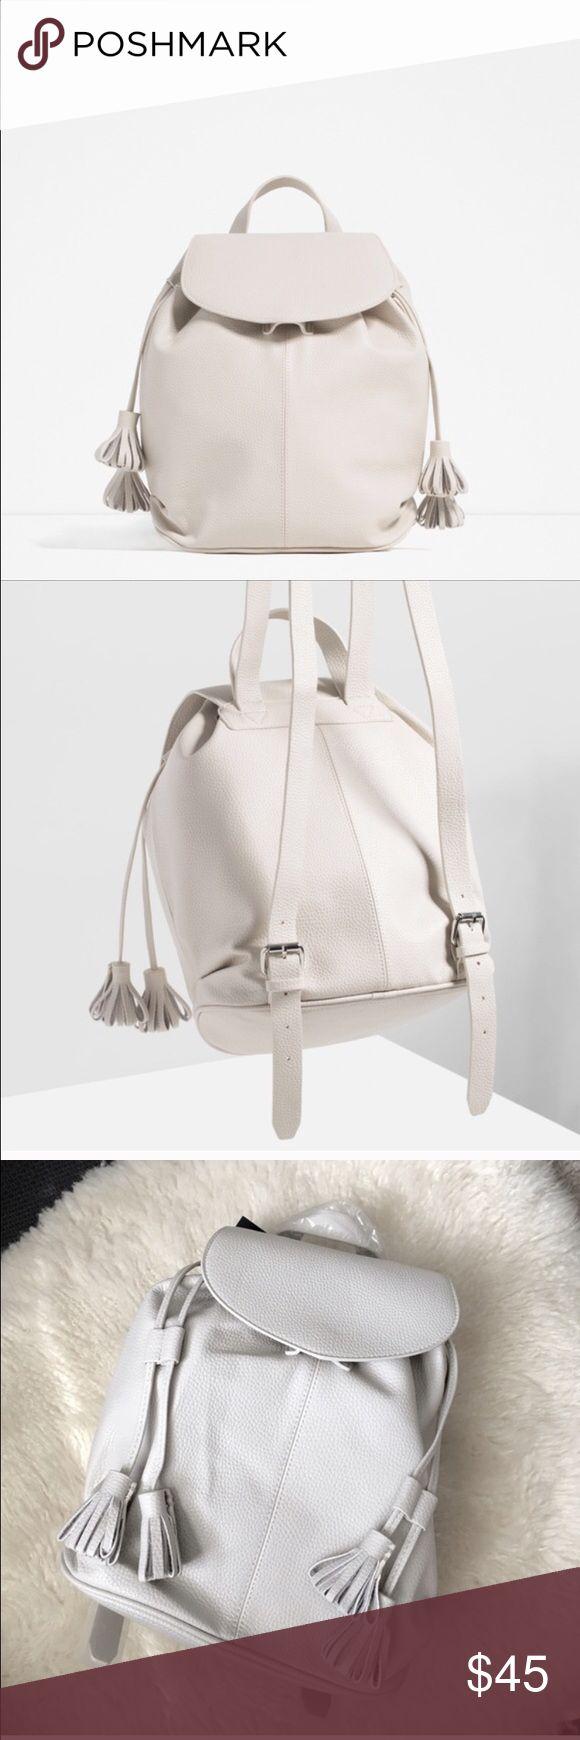 NWT ZARA backpack with tassel! ❤️🙌💃 ❤️Cute Nude backpack with tassel! Zara Bags Backpacks